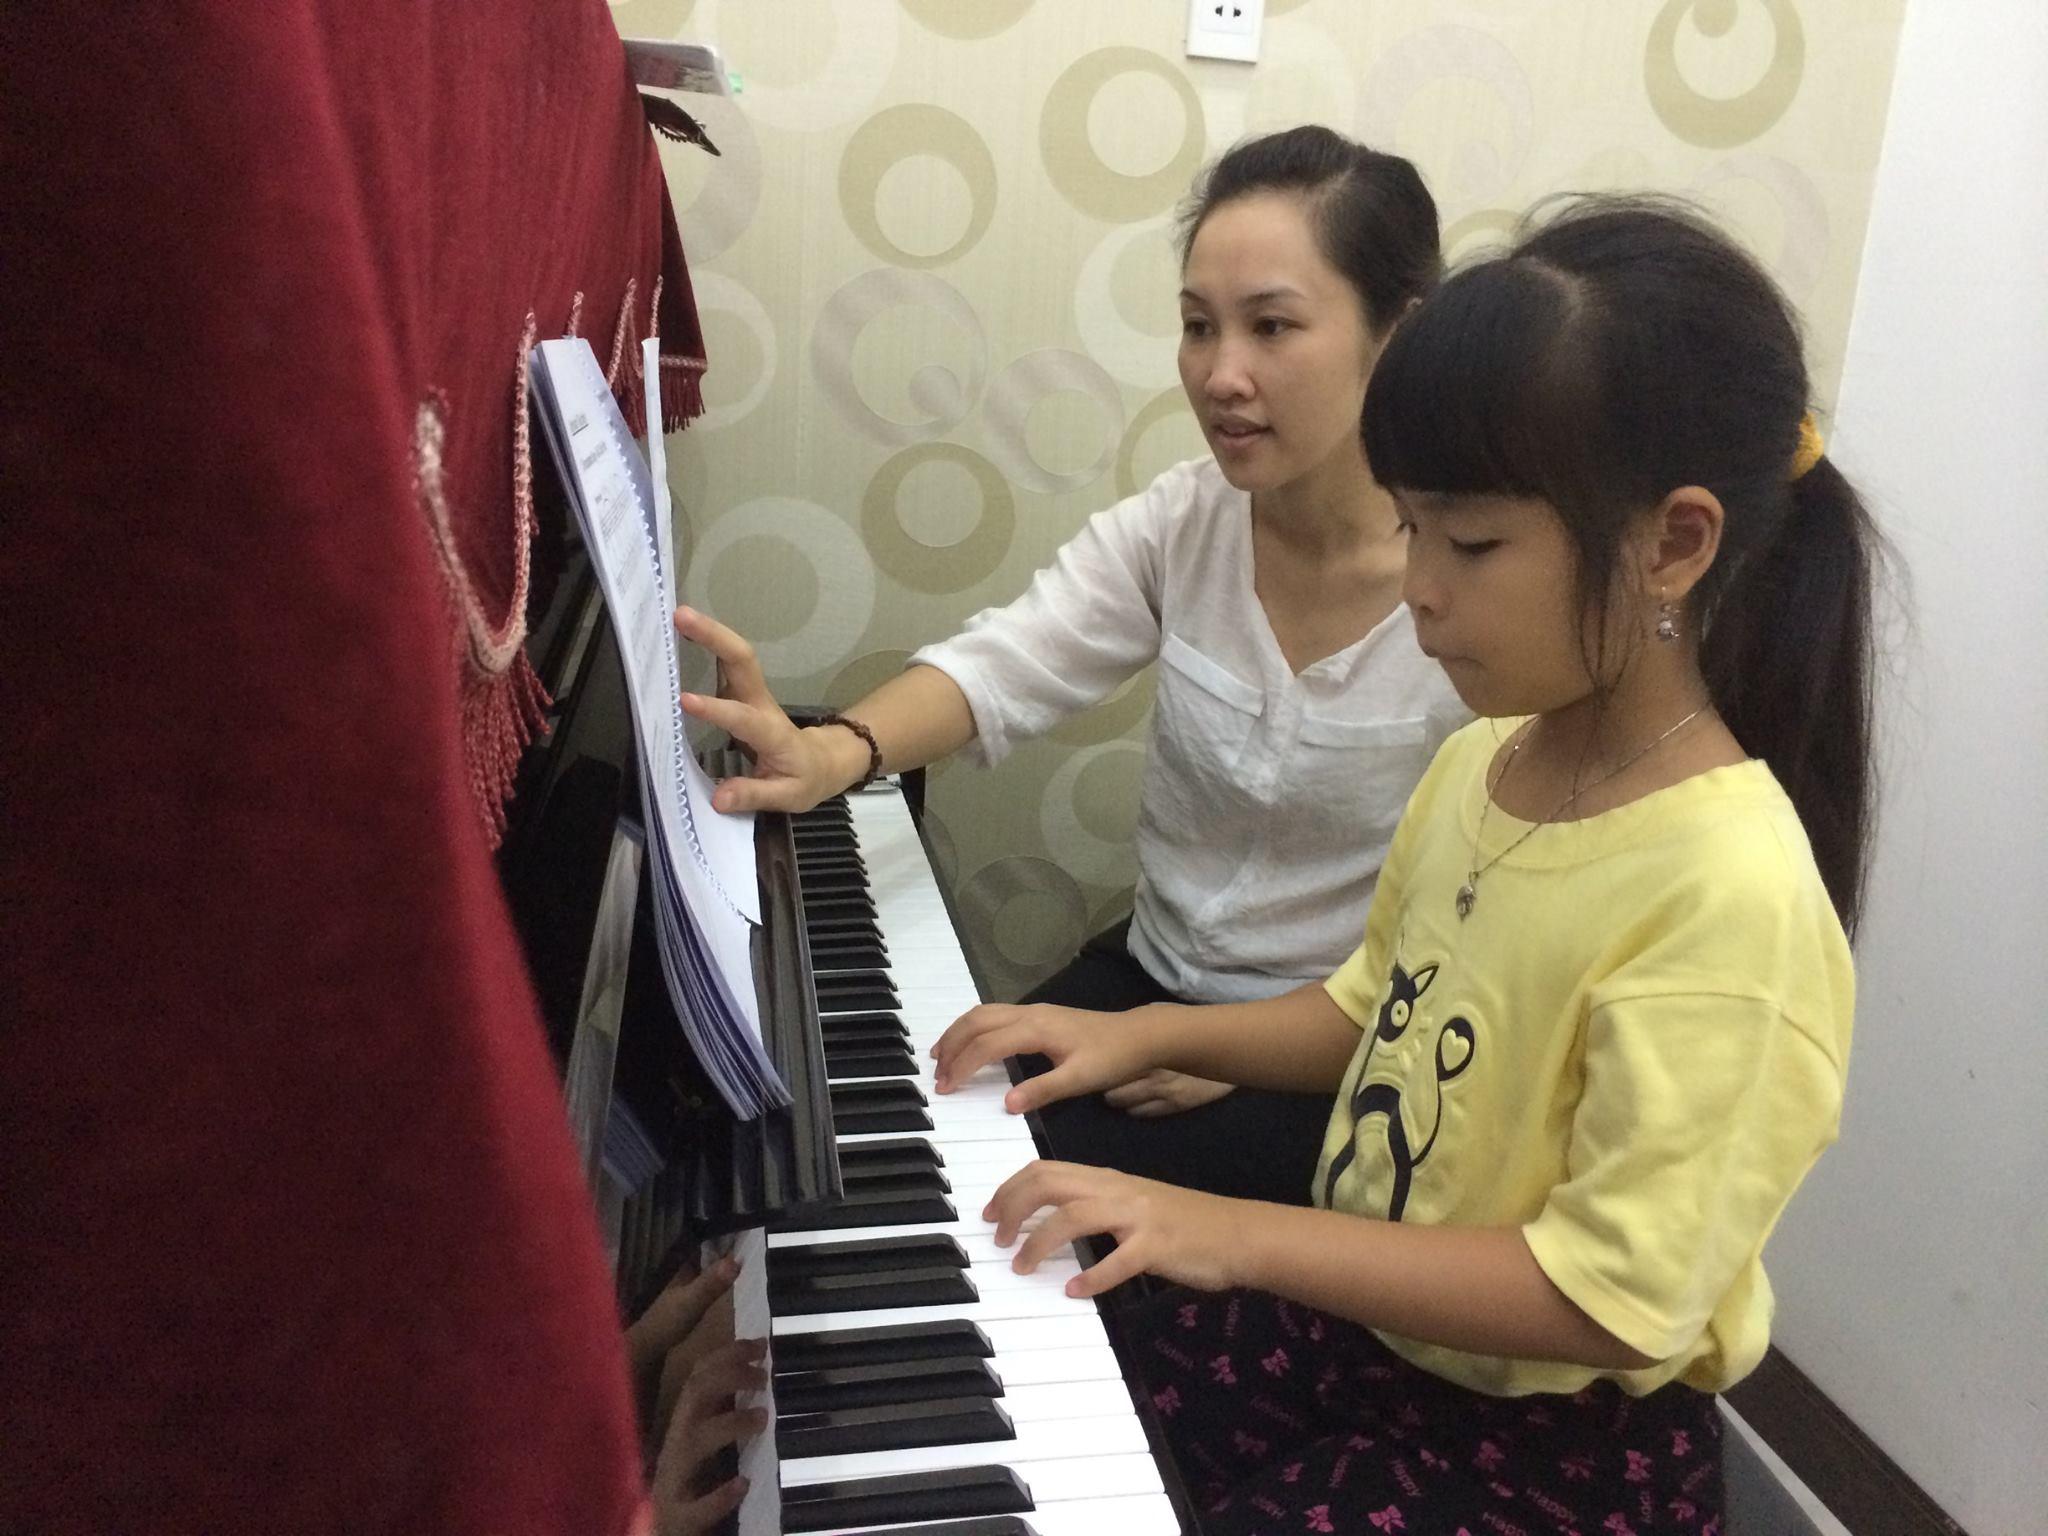 Lớp dạy Piano cho trẻ em thuộc độ tuổi thanh thiếu niên